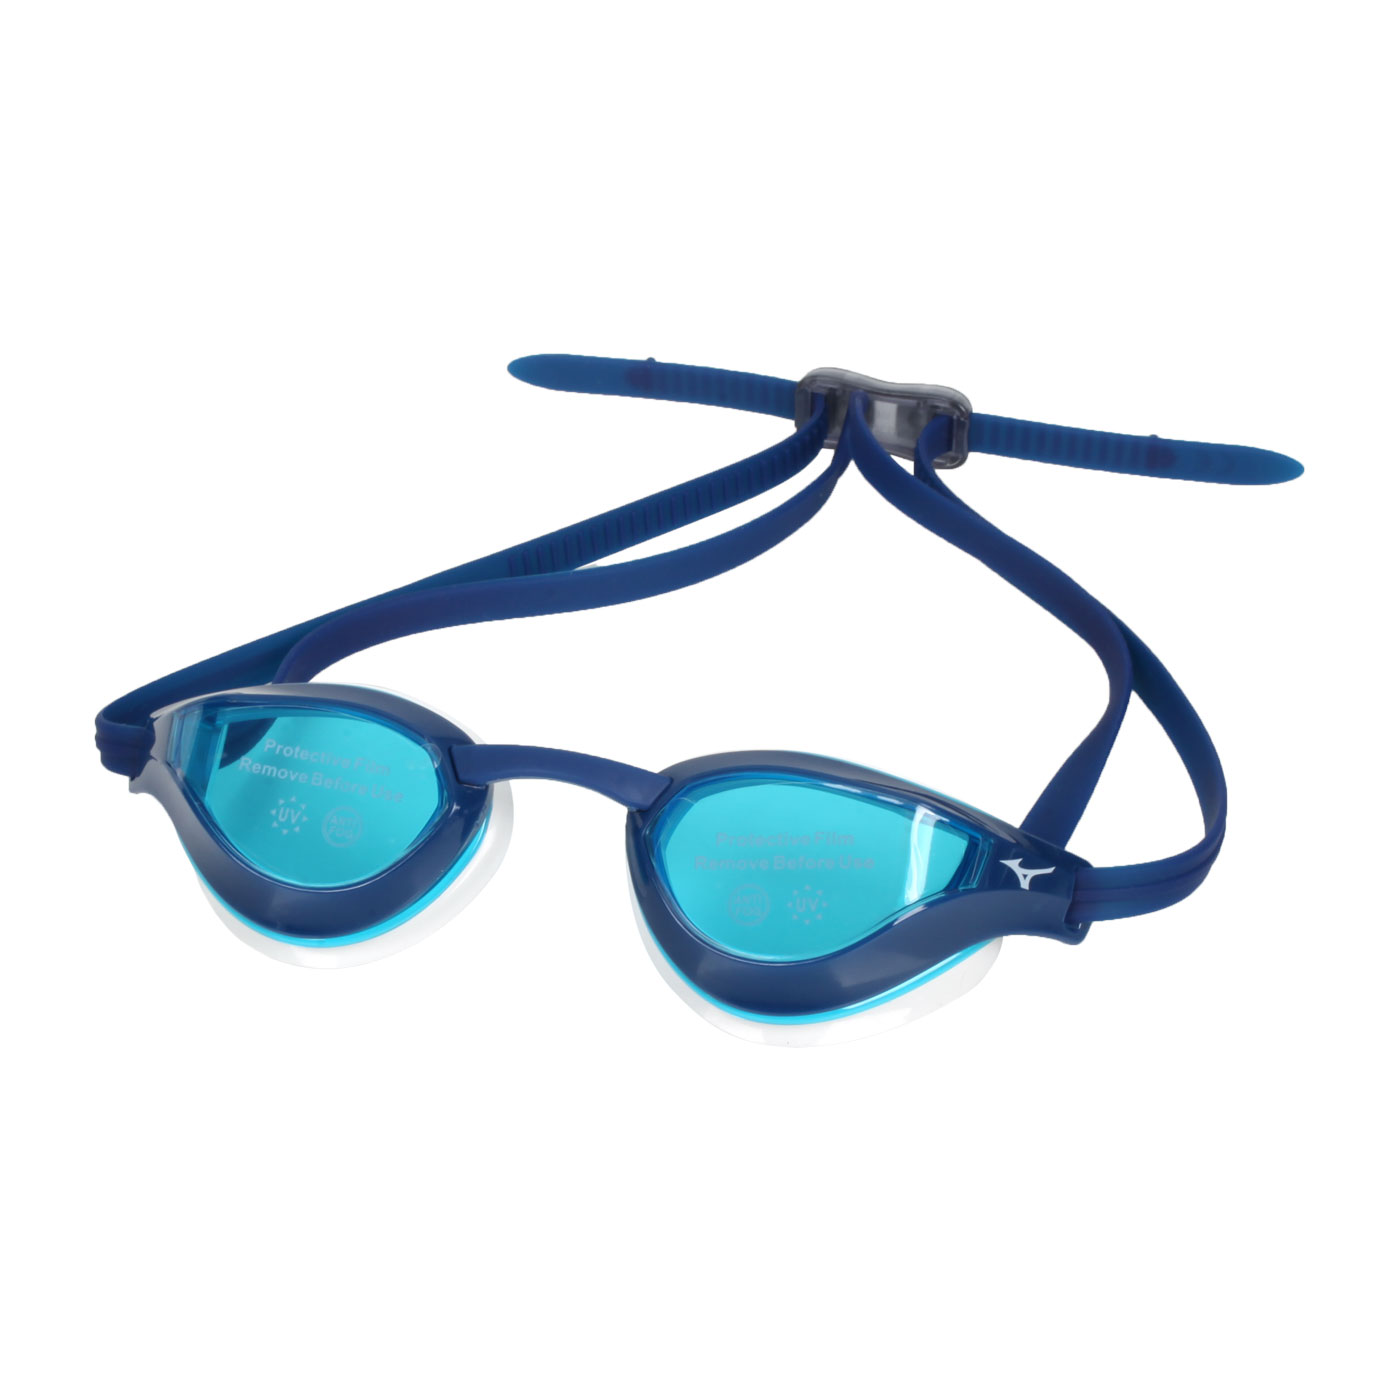 MIZUNO 泳鏡 N3TE951000-82 - 藍白